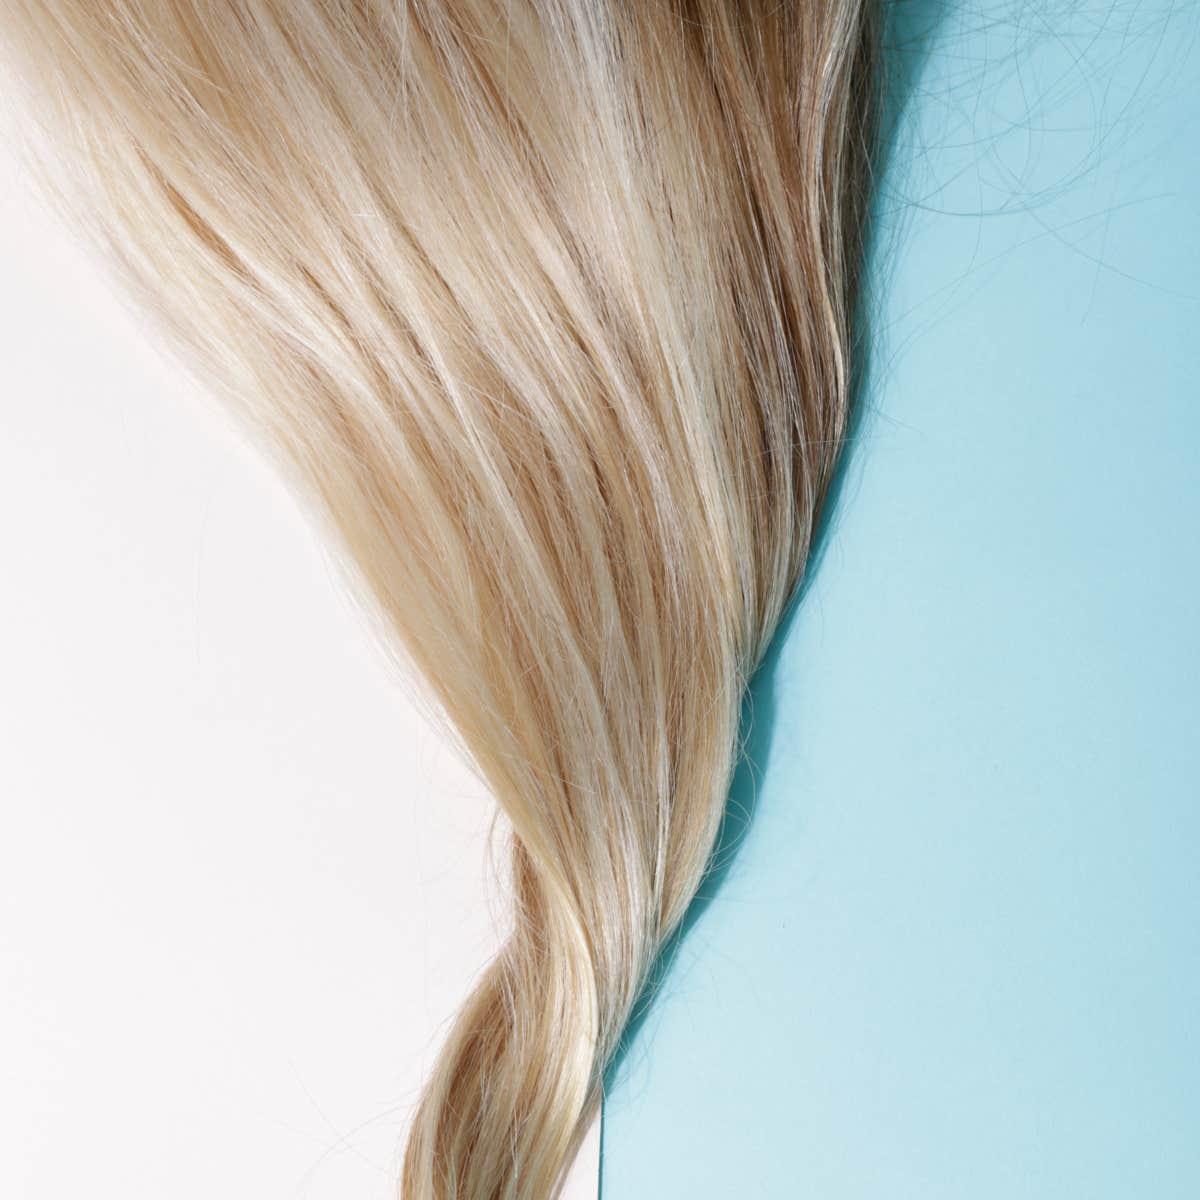 Bekommen blondierung ins auge Blondierung ins